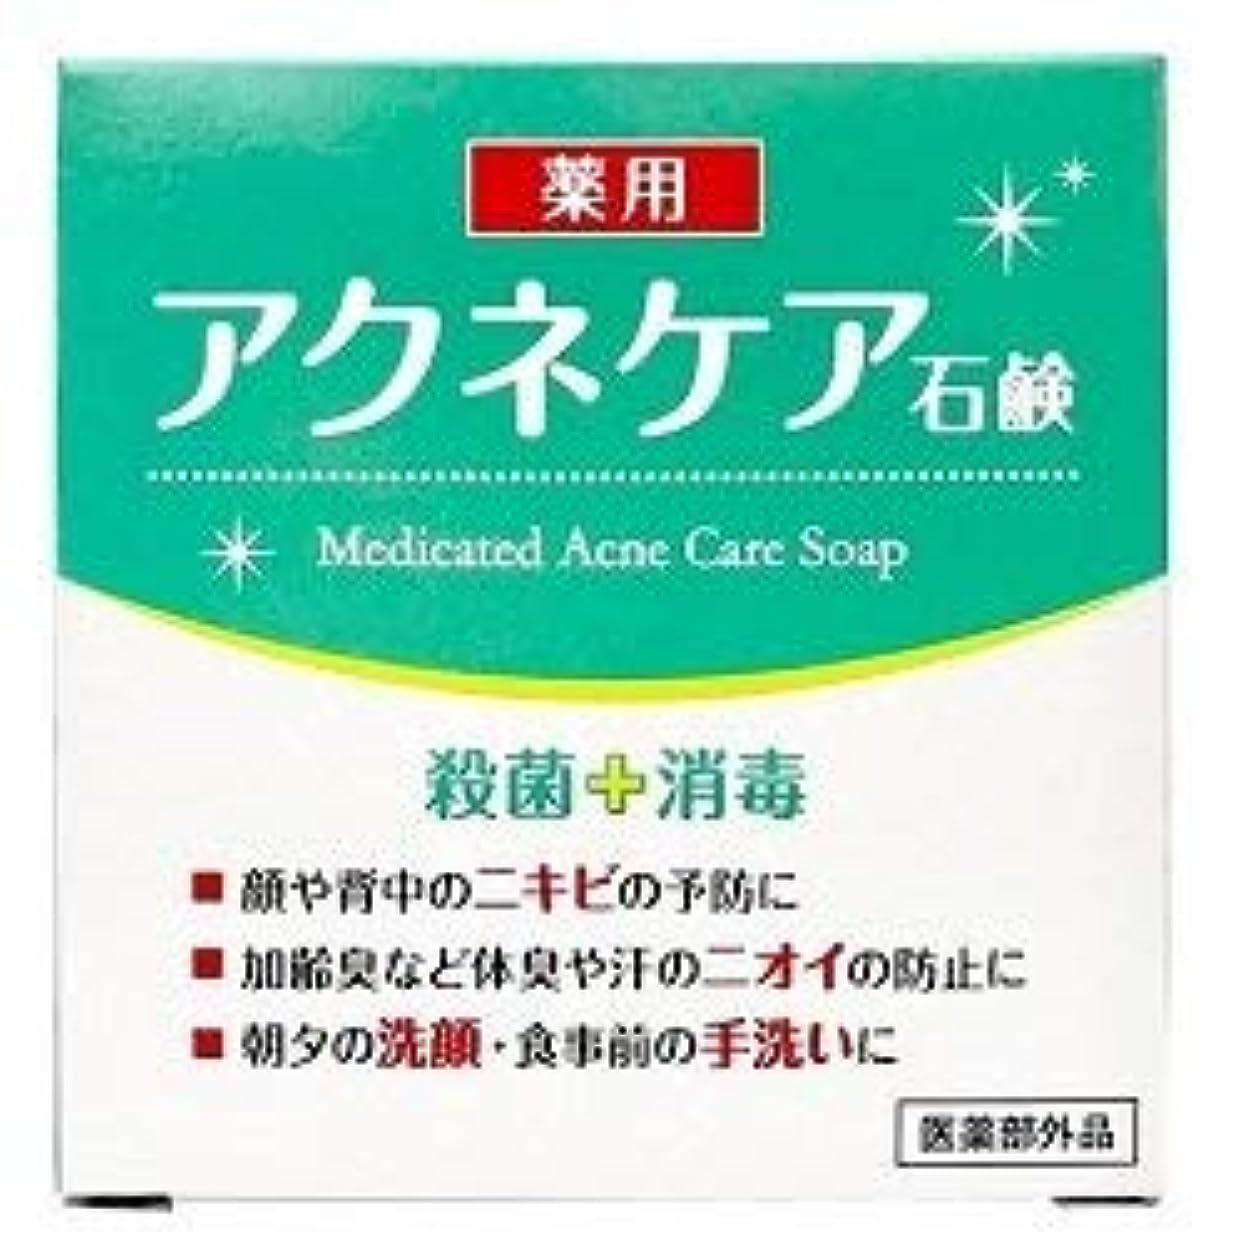 邪魔するハチレルム薬用 アクネケア 石けん 80g (医薬部外品)